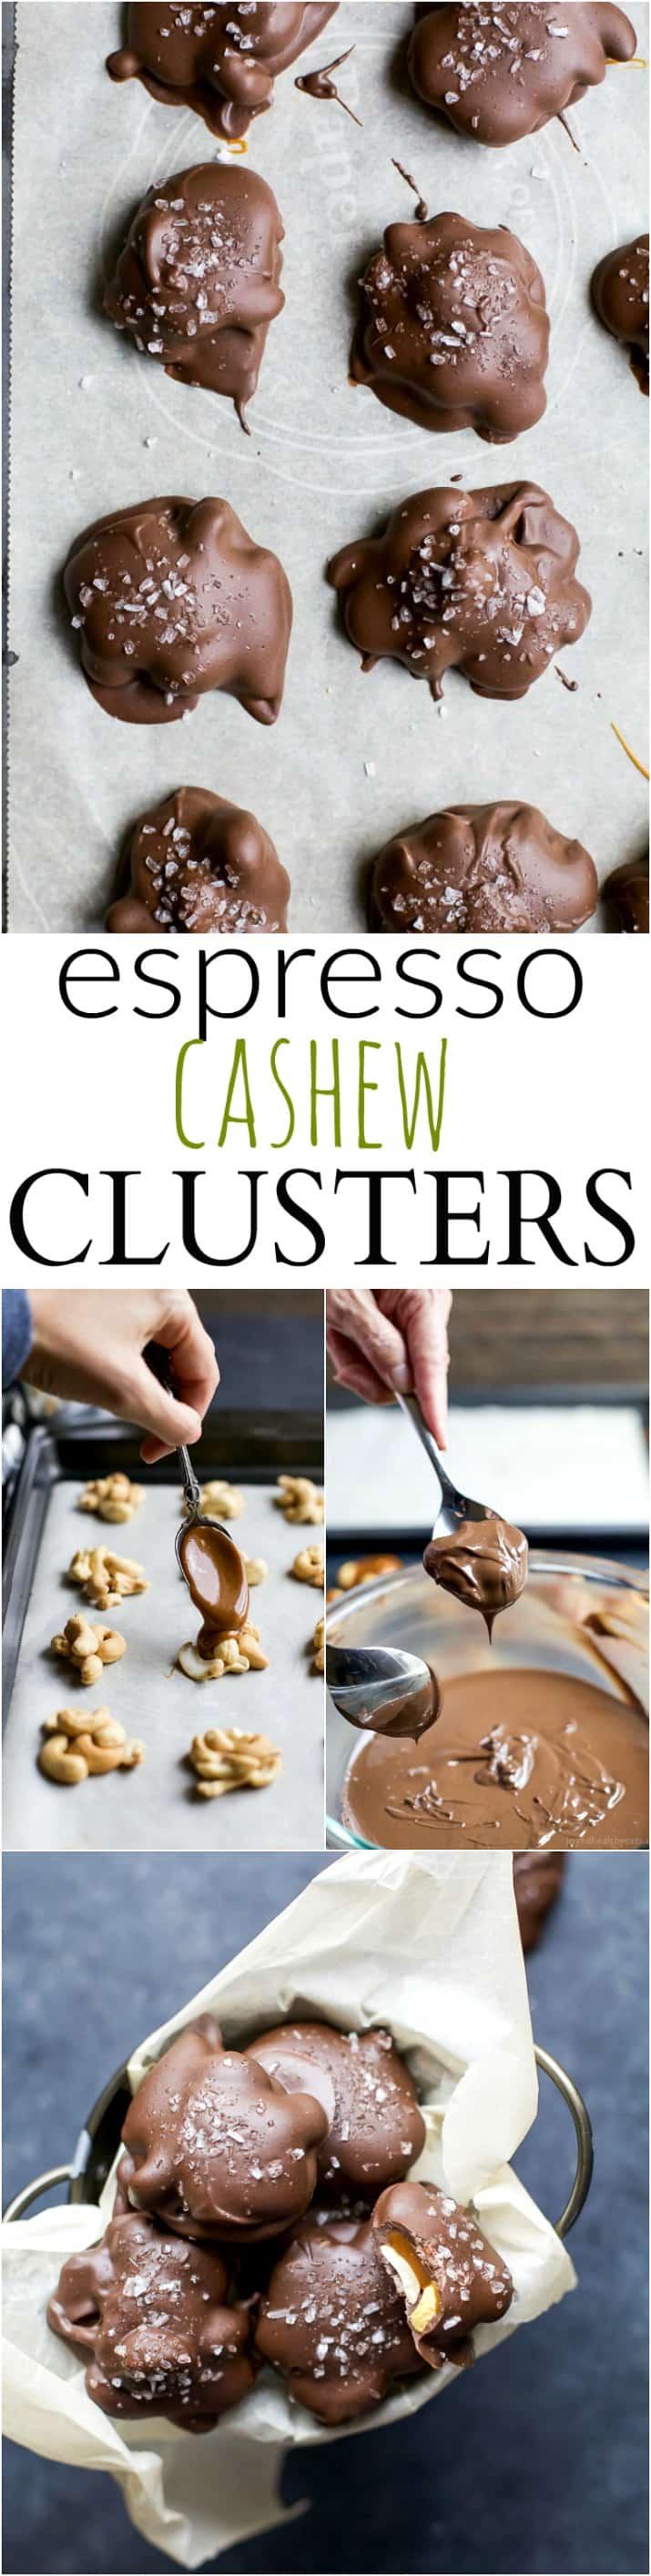 Recipe collage for Espresso Cashew Clusters